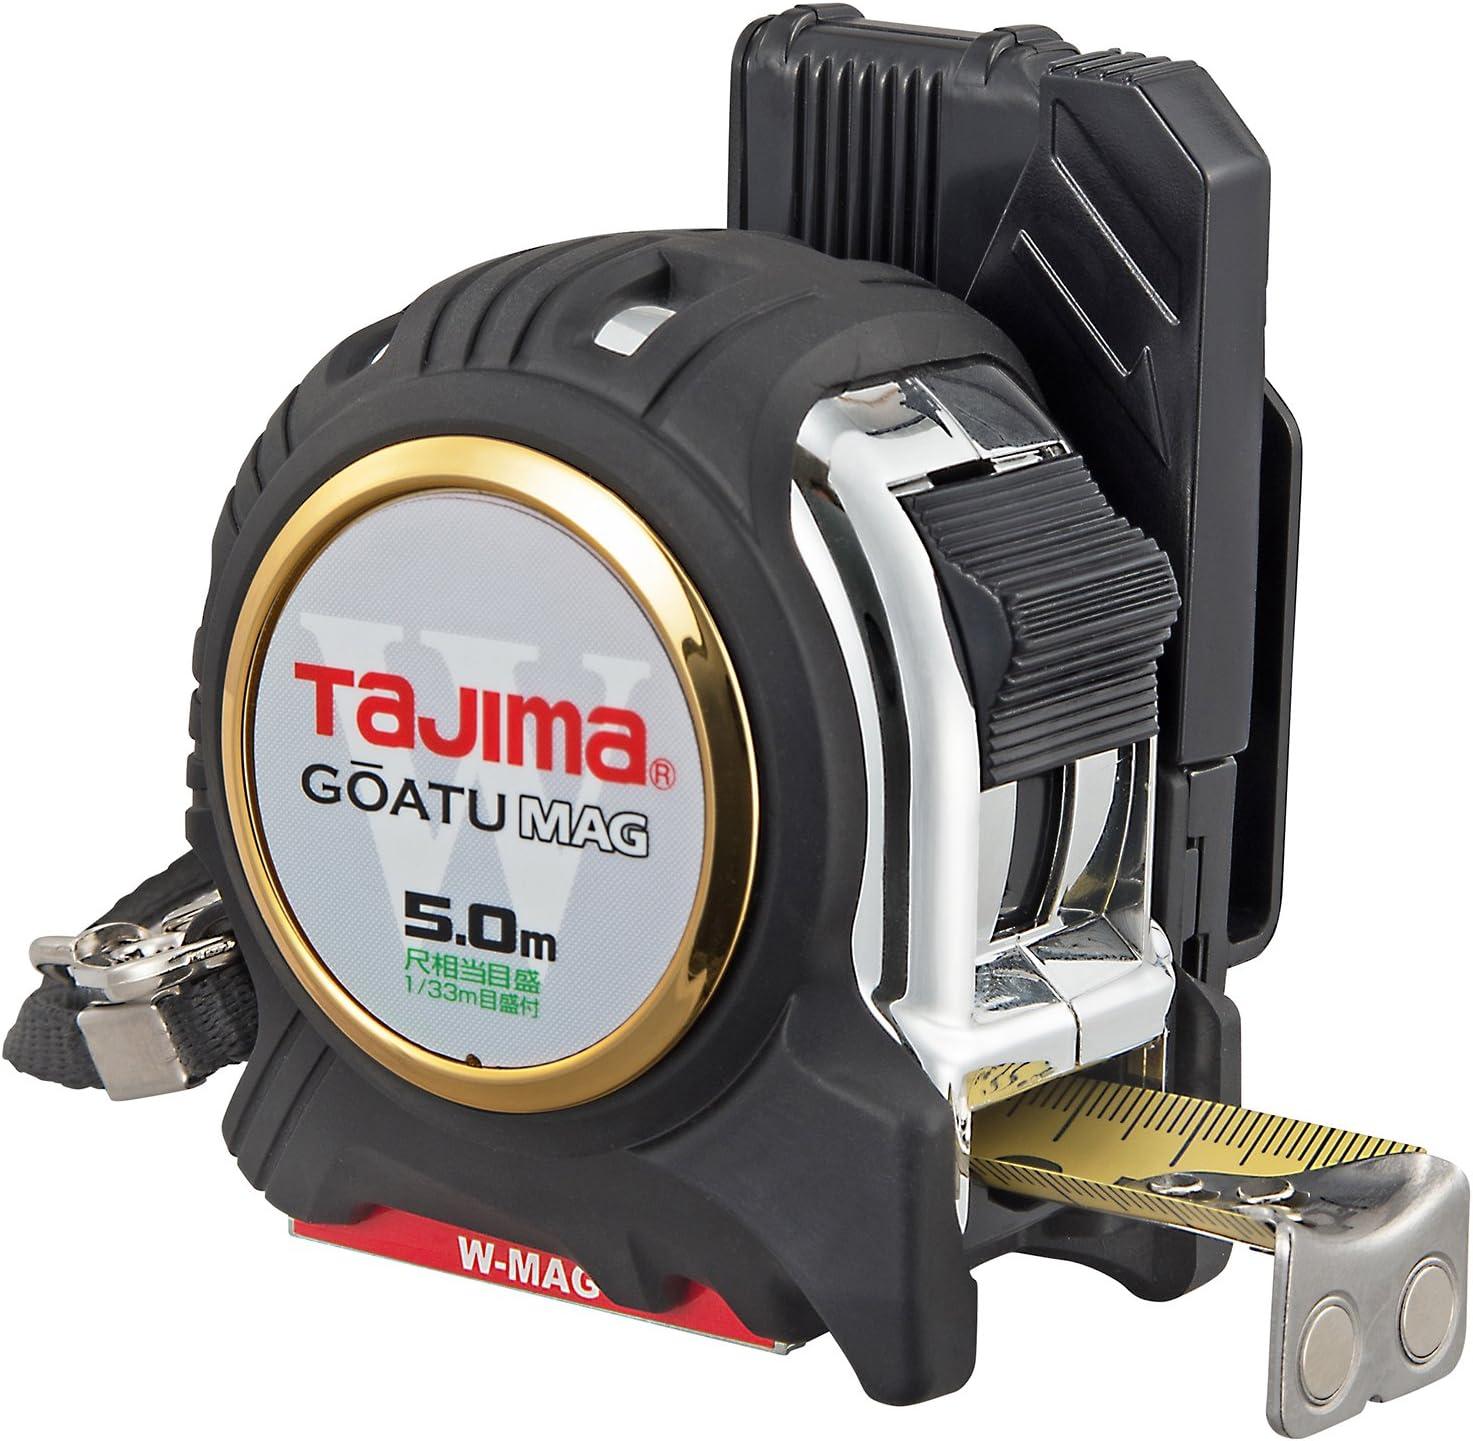 タジマ(Tajima) コンベックス 剛厚セフGロックダブルマグ25 5.0m 25mm幅 尺相当目盛付 GASFGLWM2550S